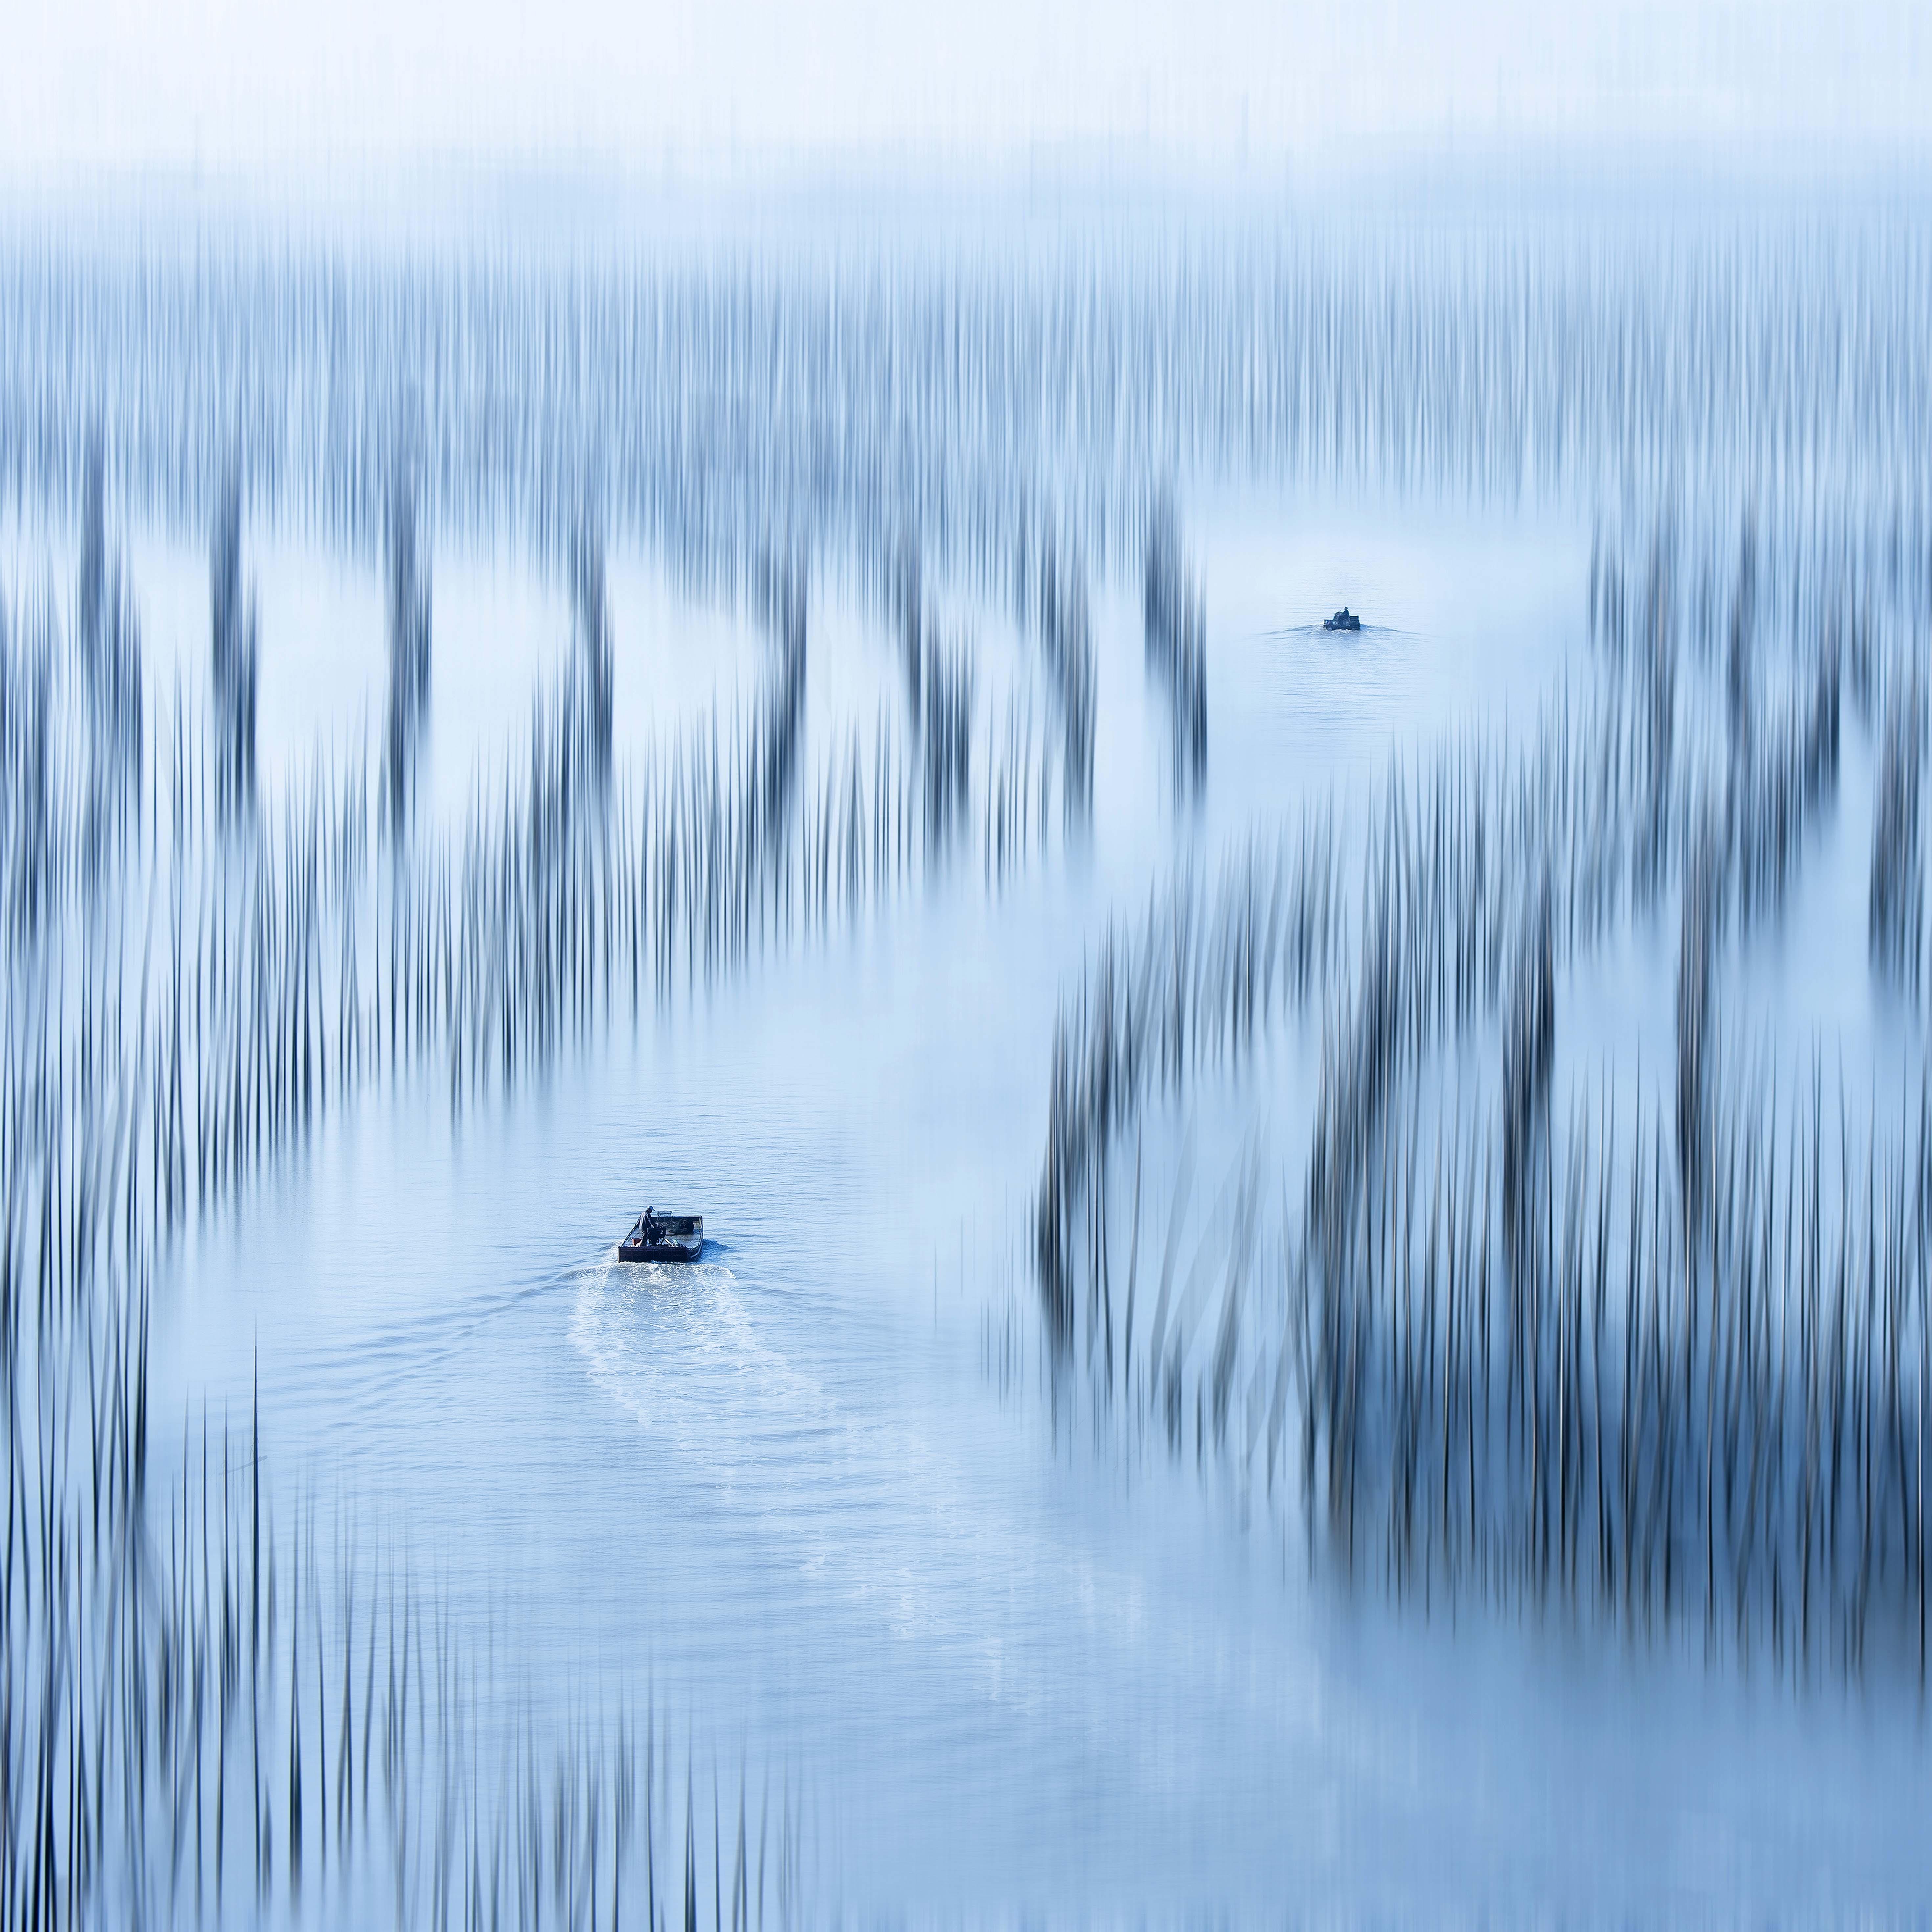 福建霞浦干潟観光撮影地は5日4泊で団体旅行をします。